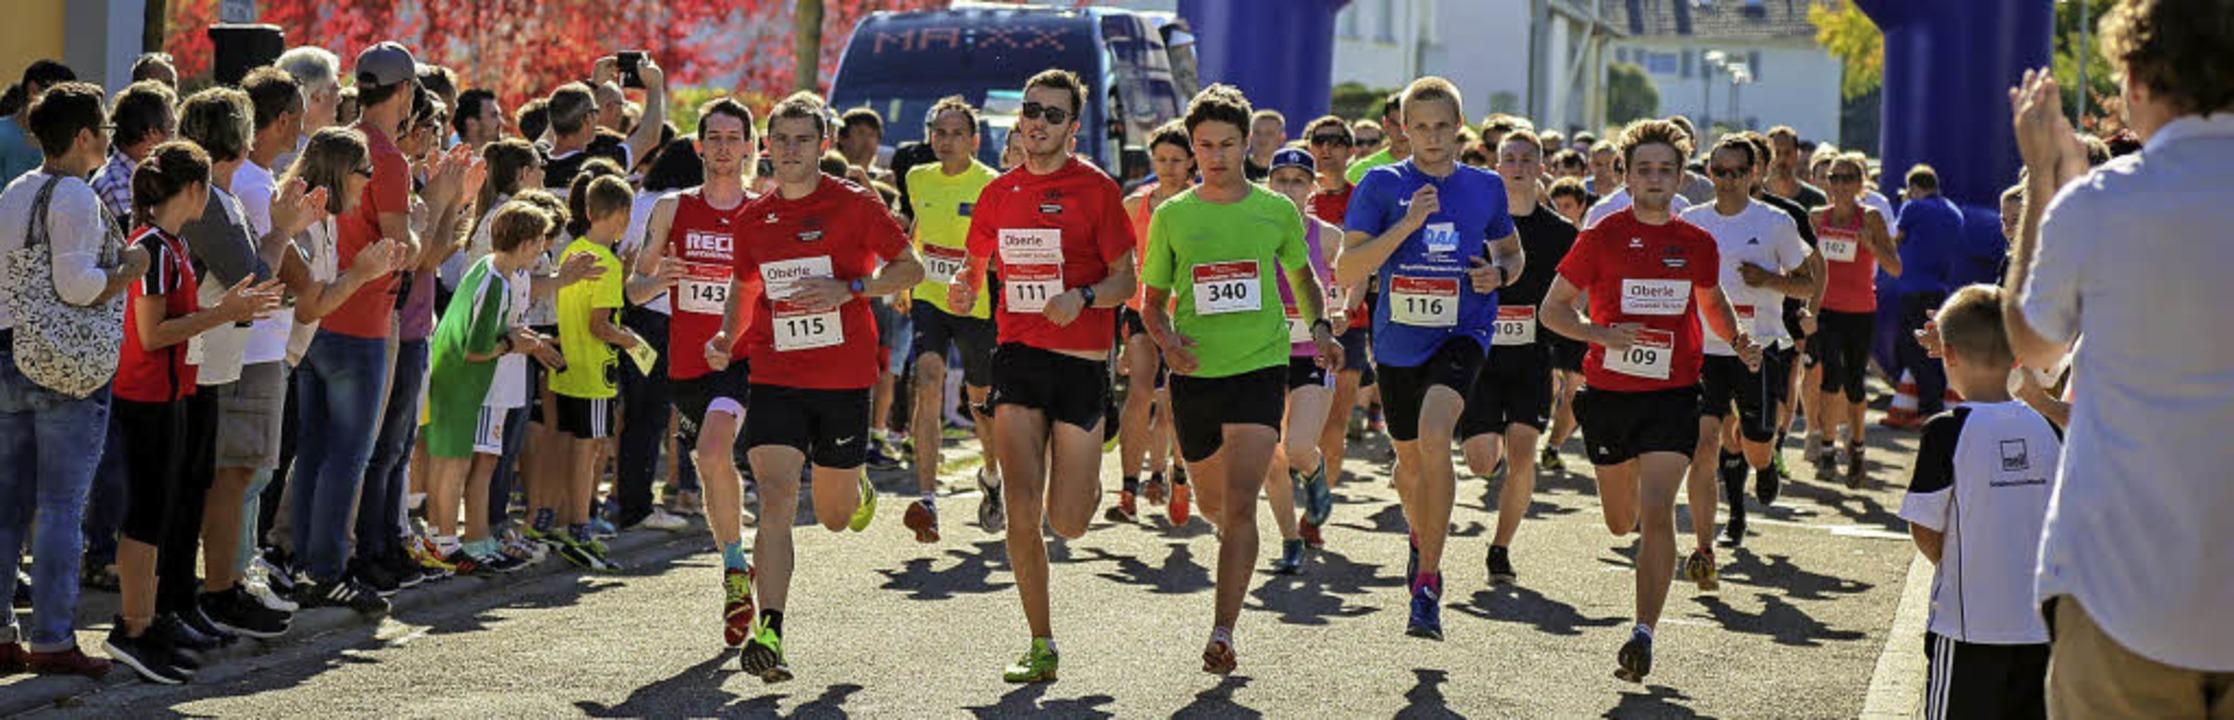 Die Teilnehmer lieferten sich einen fa...s 300 Läuferinnen und Läufer am Start.  | Foto: Sandra Decoux-Kone